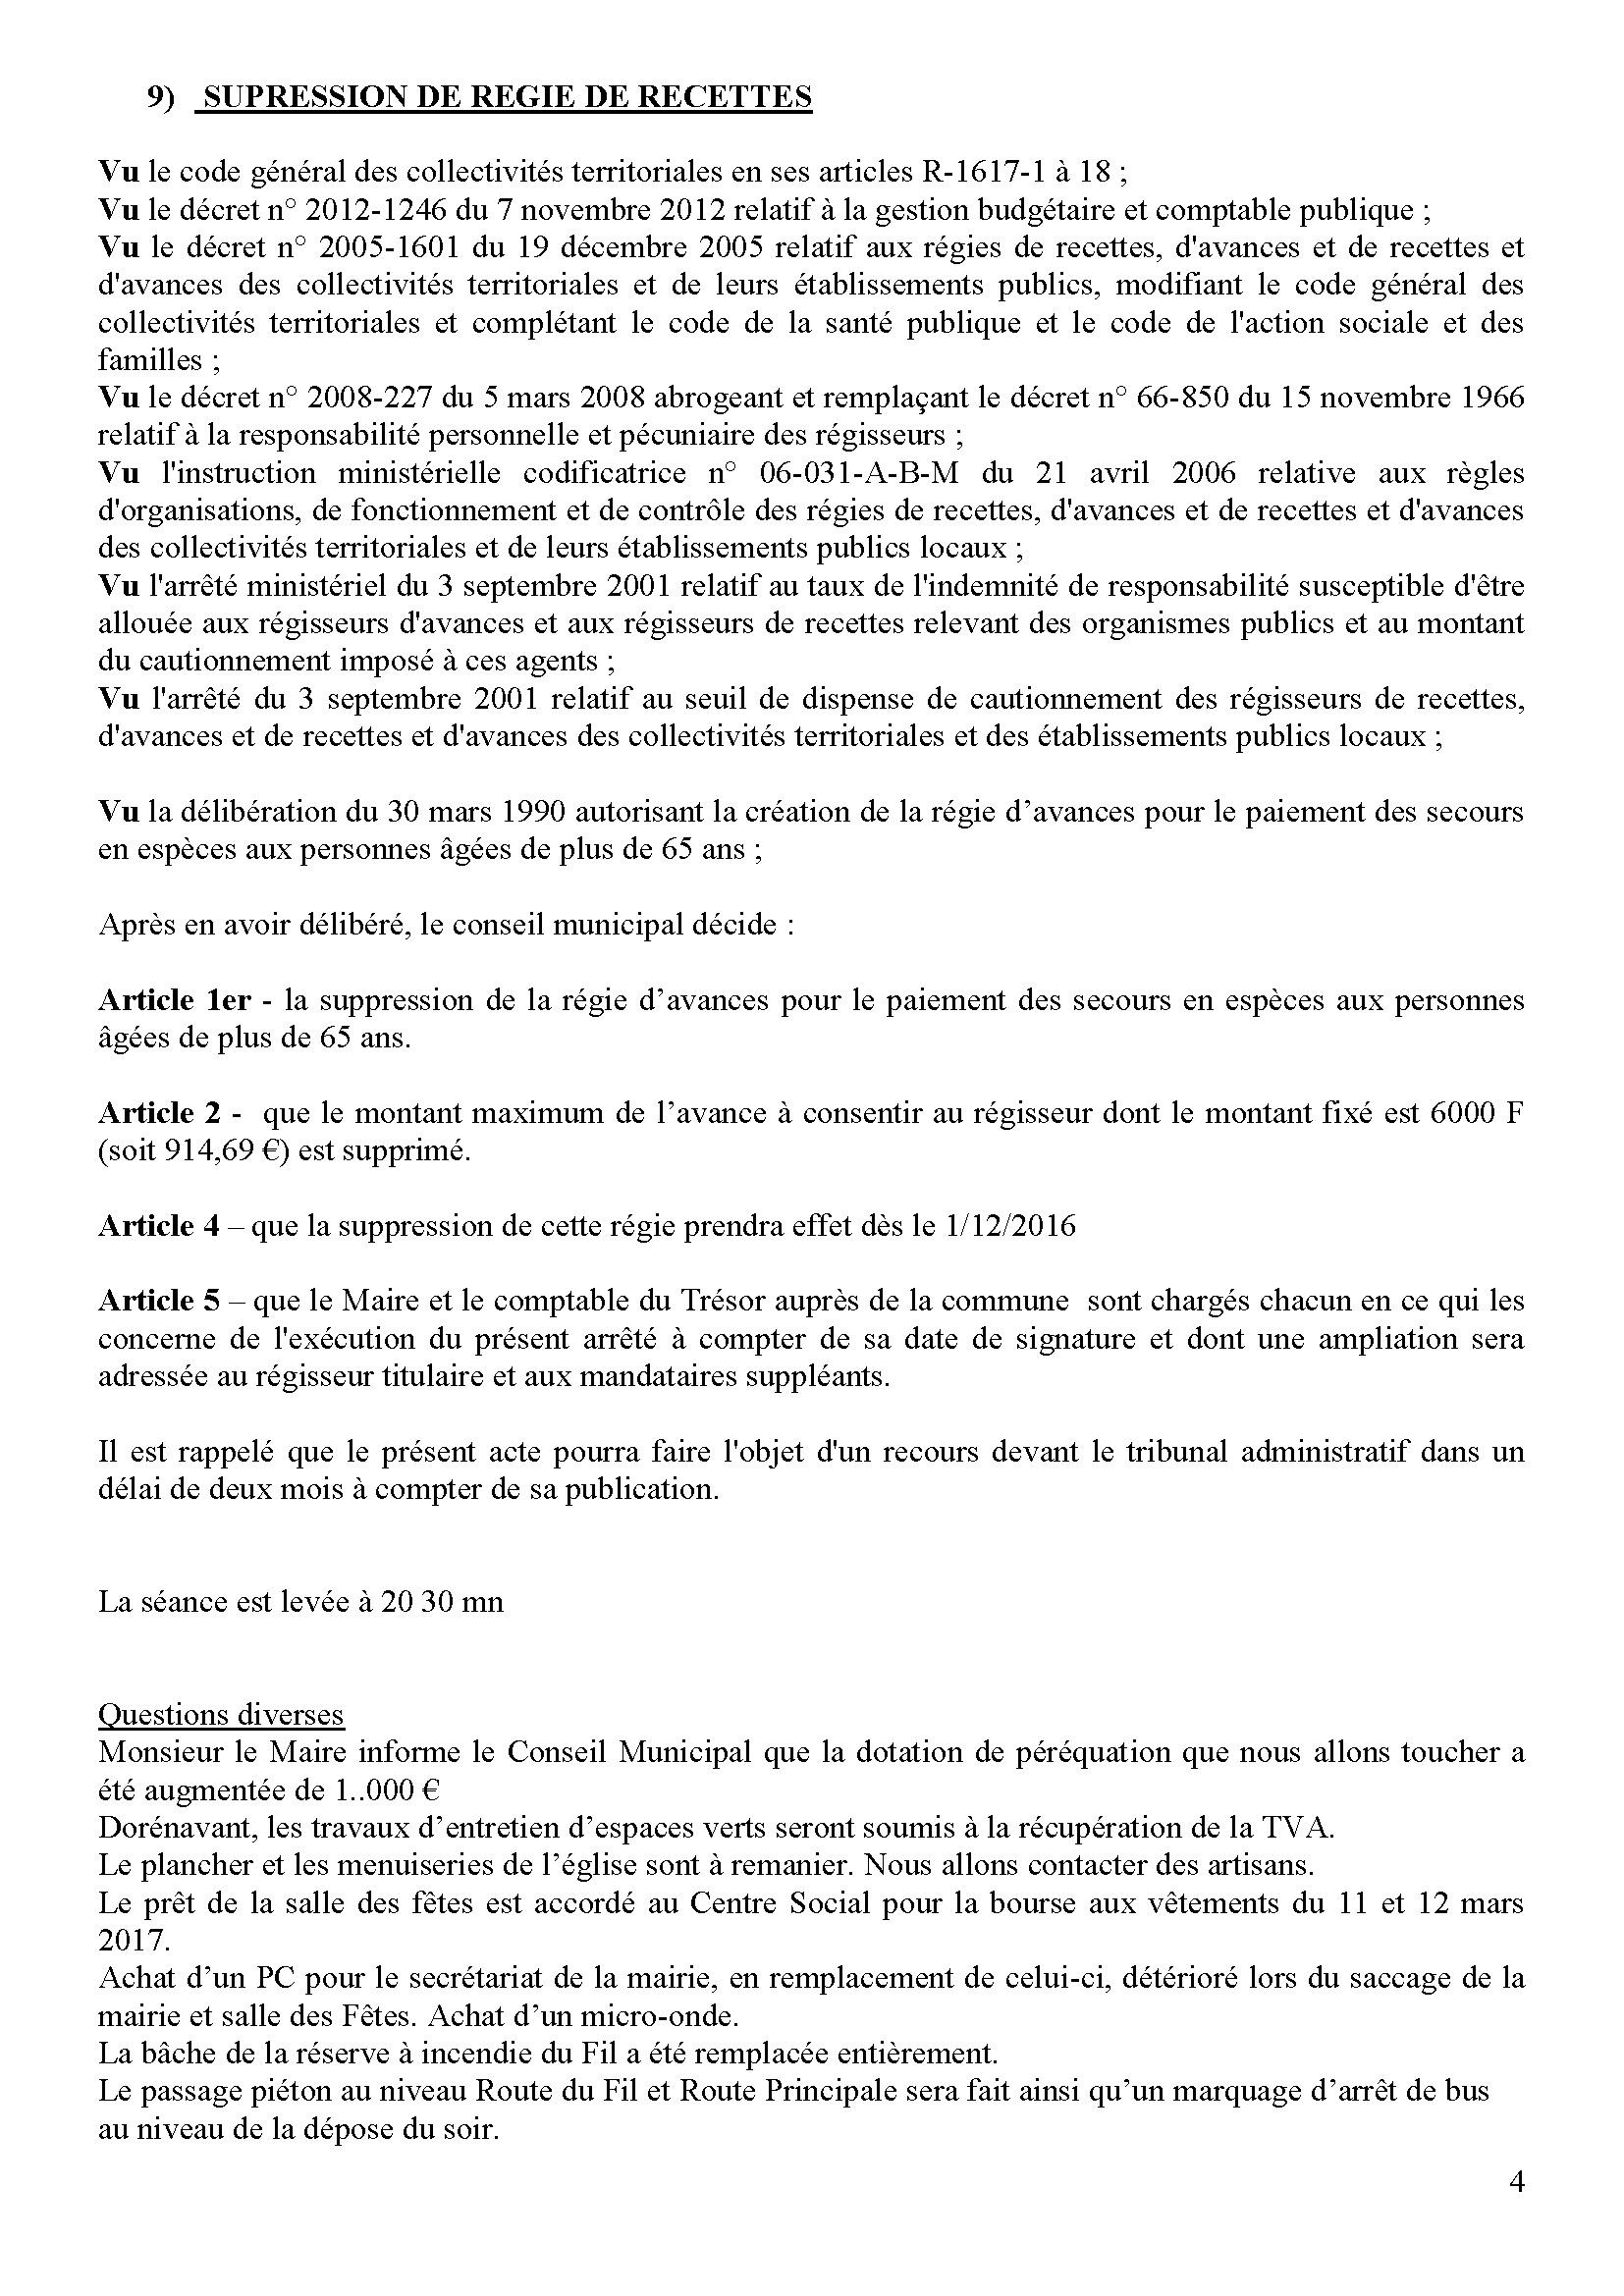 cr-du-03112016-page-4